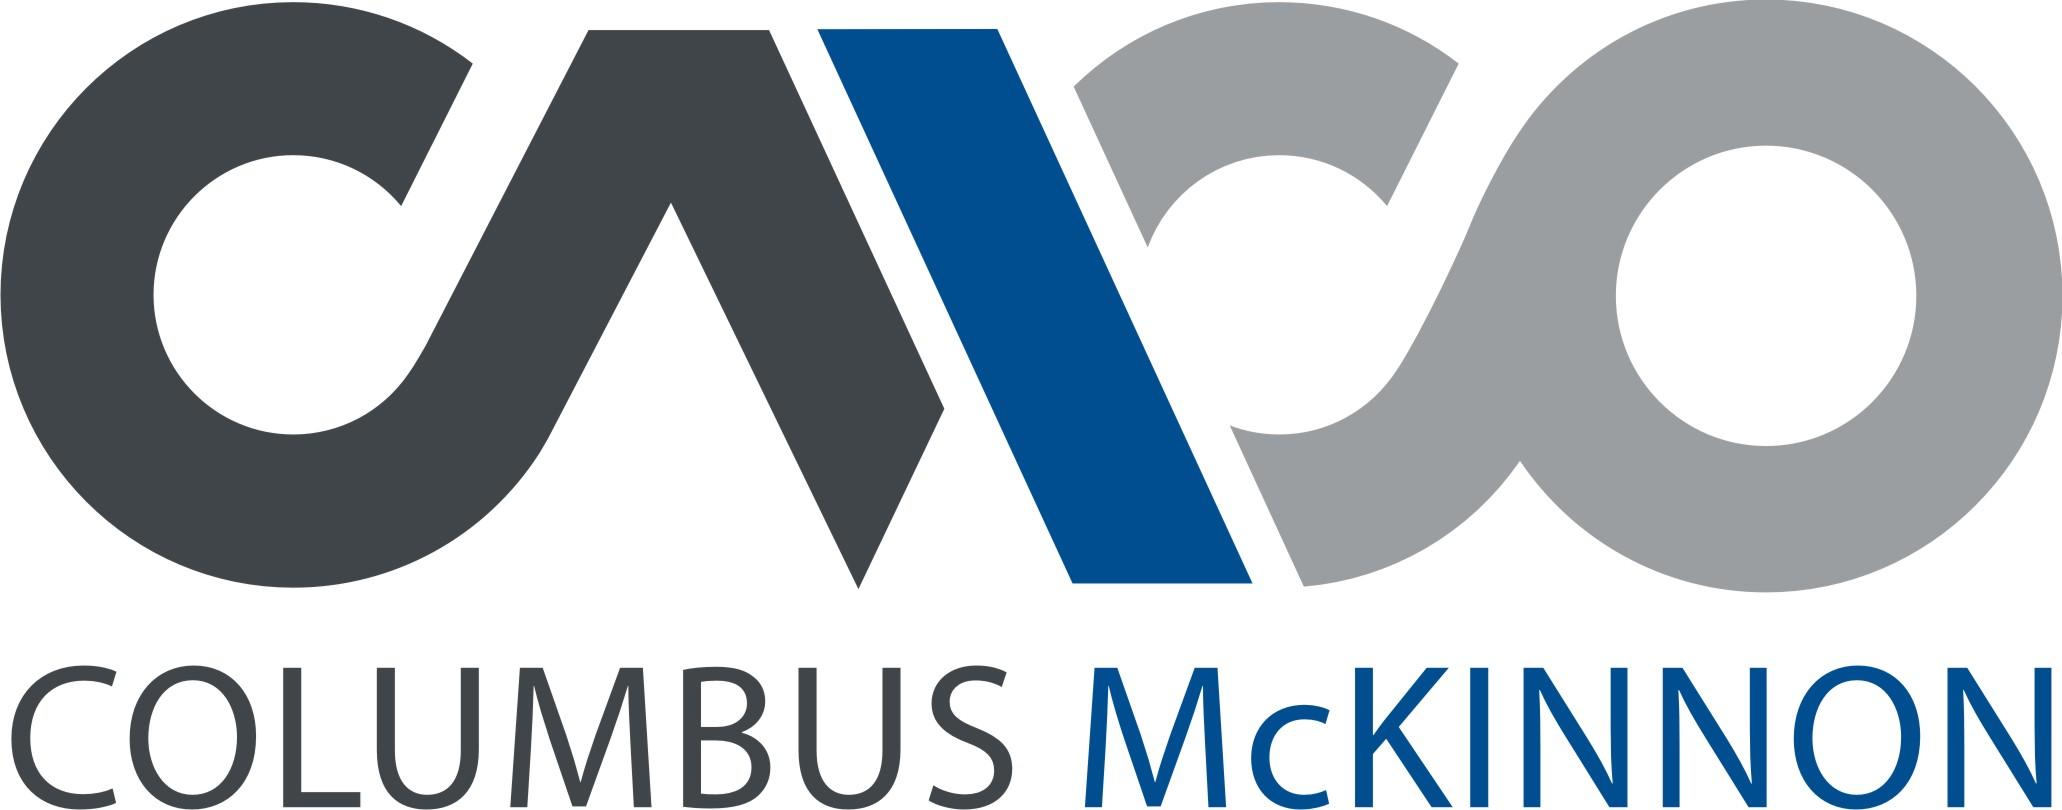 columbus-mckinnon-logo